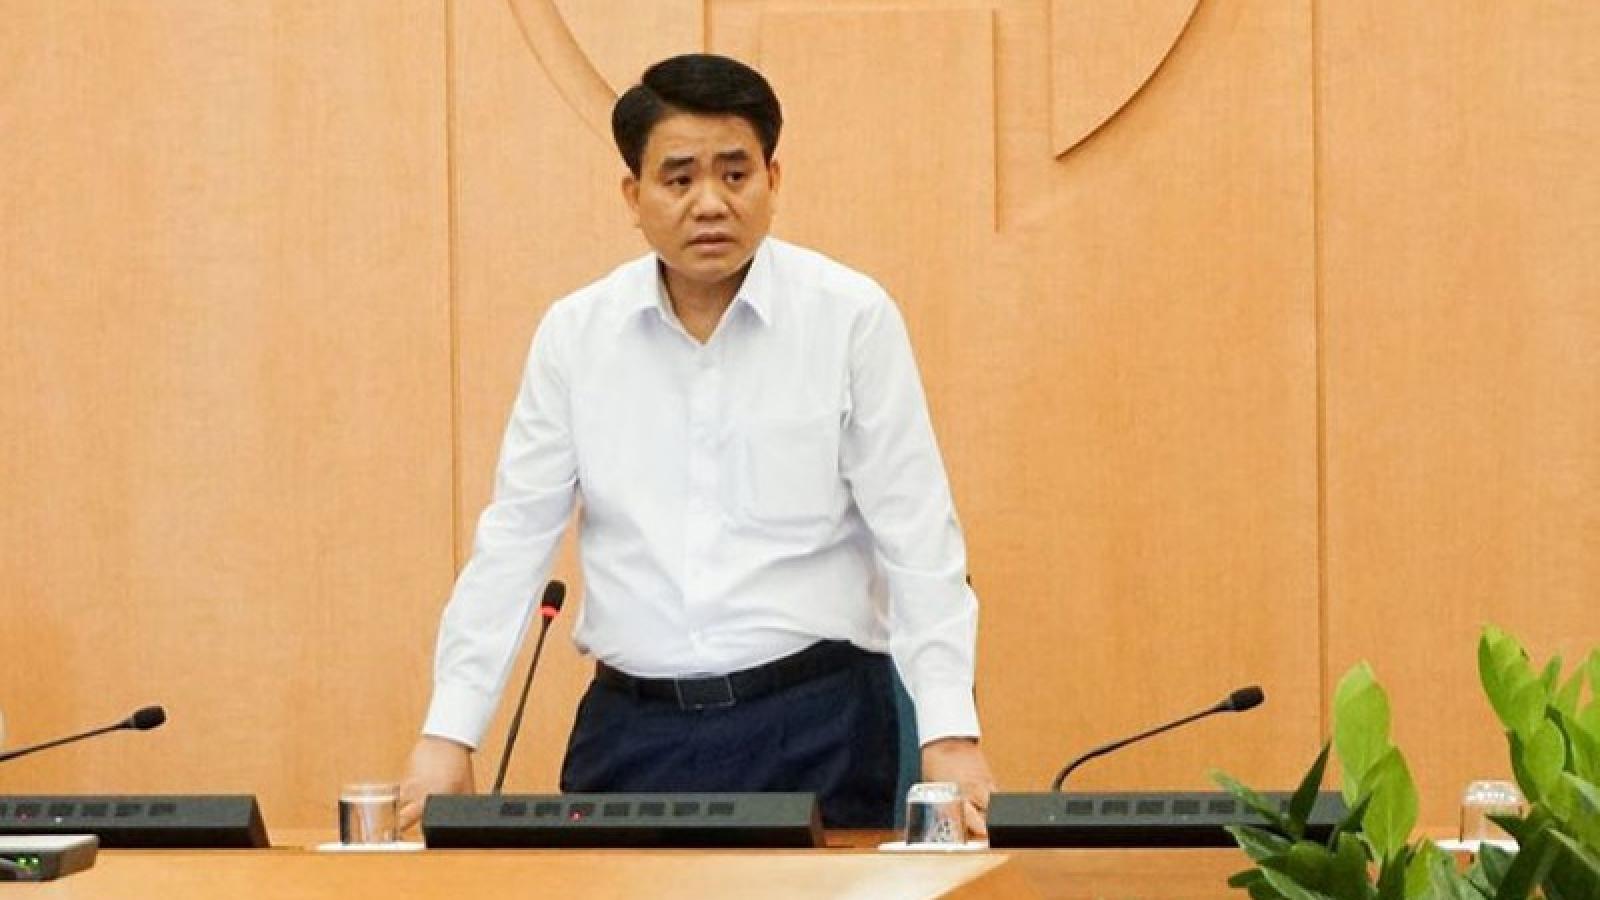 Hà Nội: Dỡ bỏ giãn cách nhưng chưa mở lại dịch vụ karaoke, vũ trường